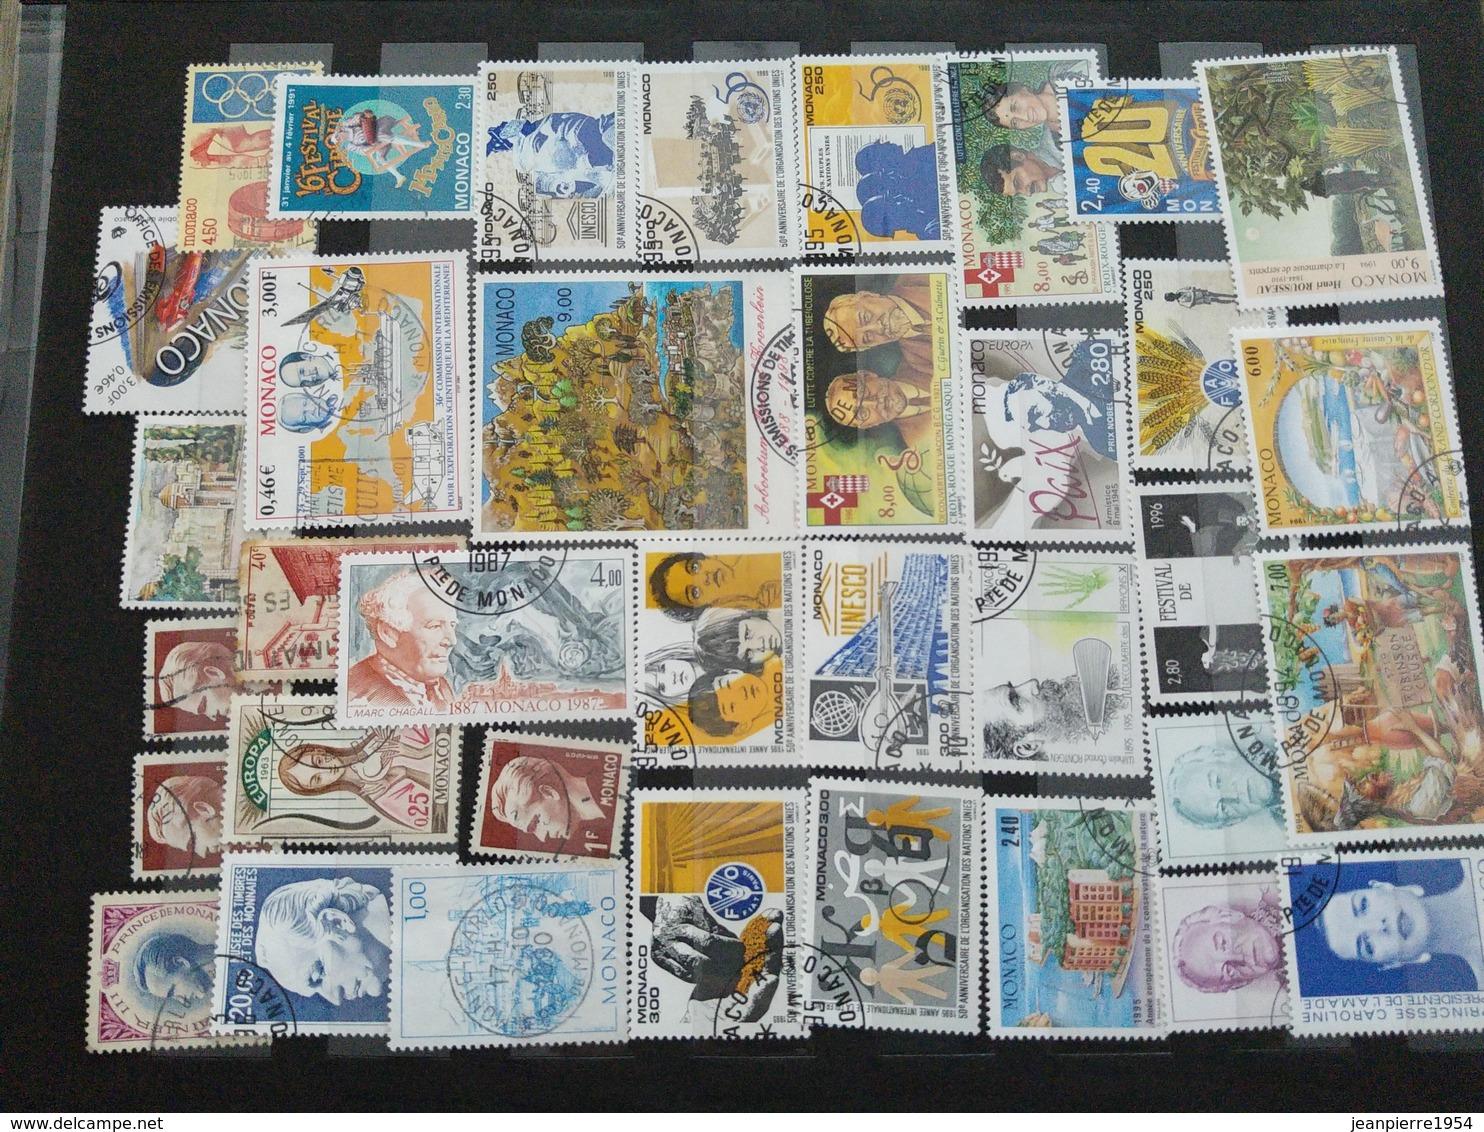 Album Monaco Oblitere Grosse Cote - Stamps